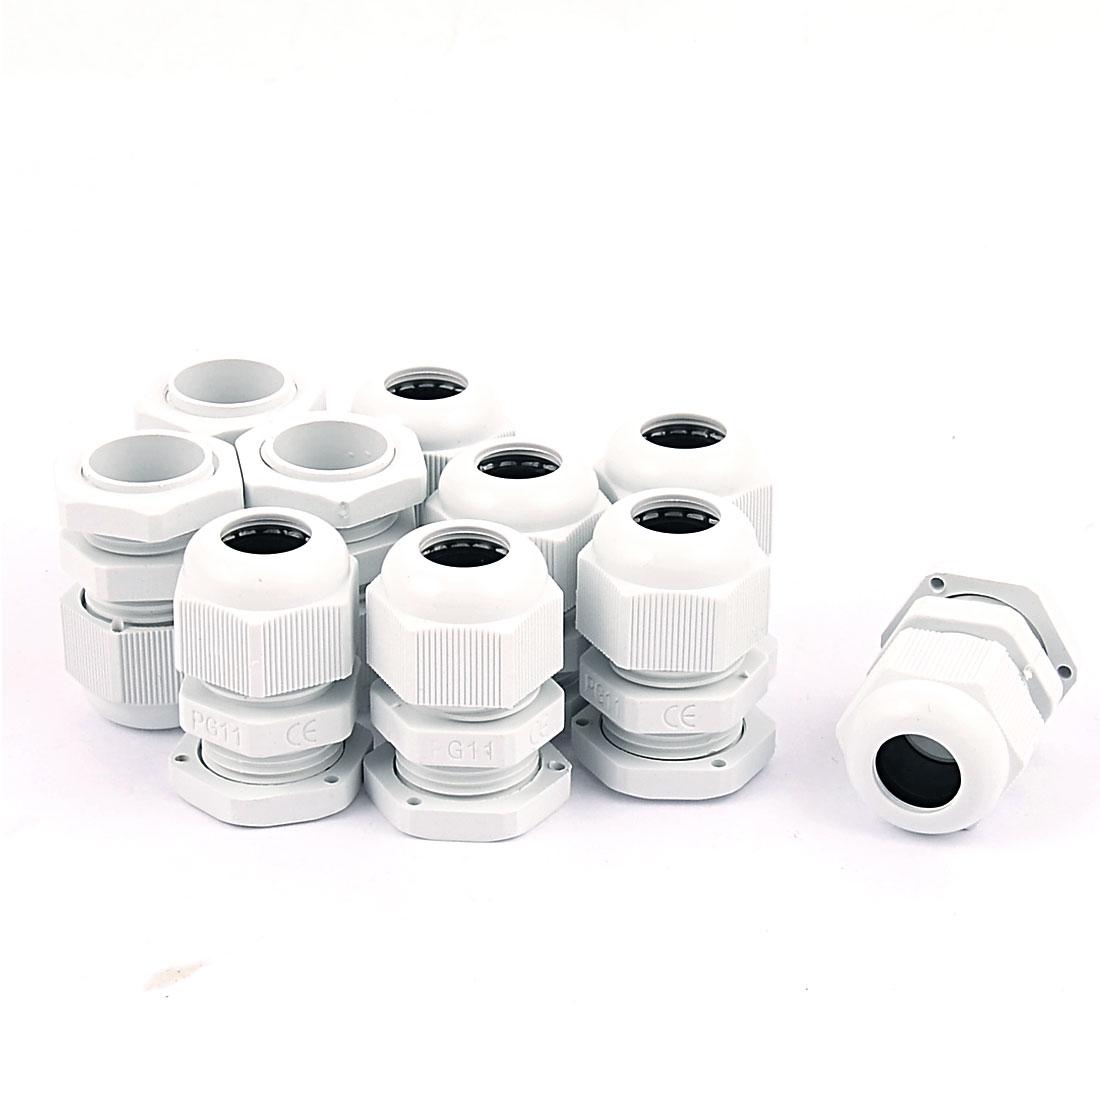 PG-11 White Plastic Waterproof Connectors Cable Glands 10 Pcs